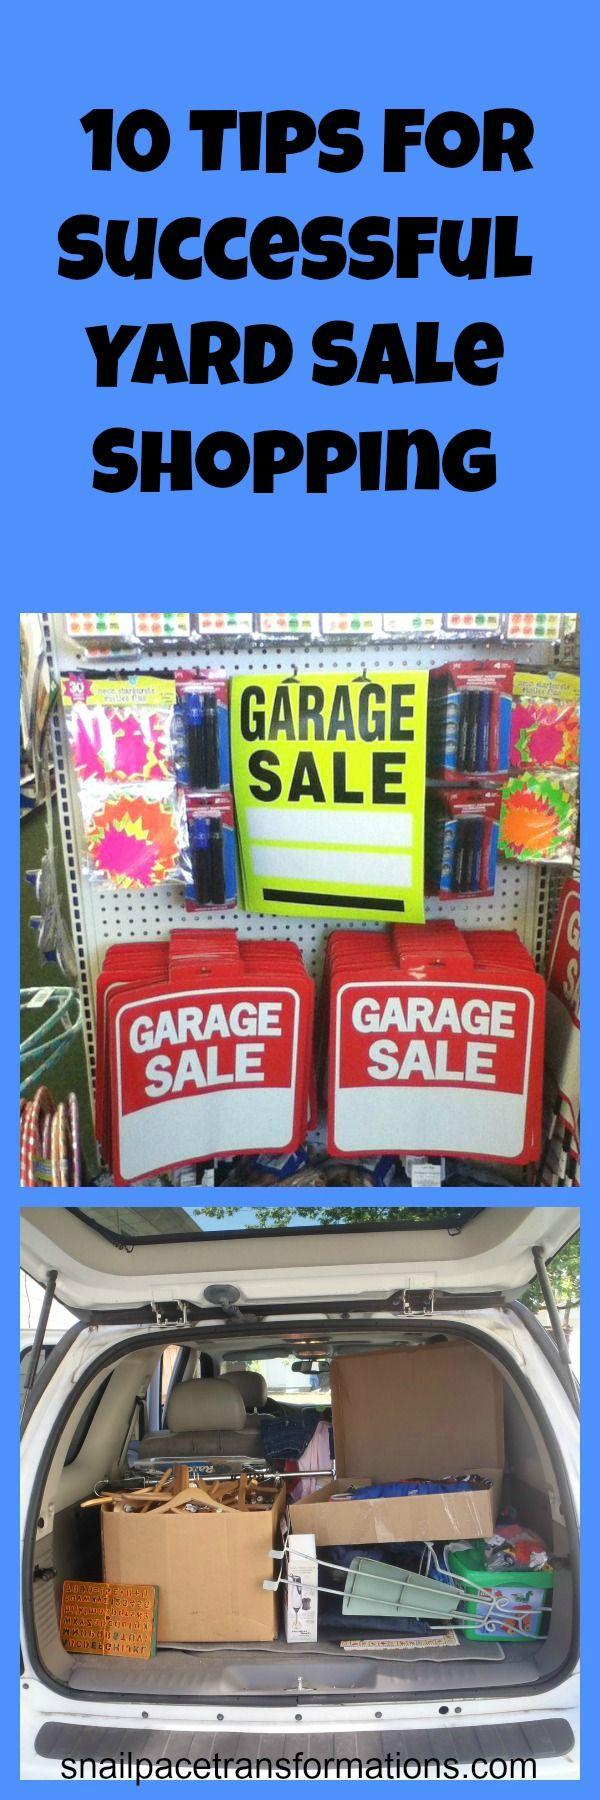 Best 25 Online garage sale ideas on Pinterest  Next clothing sale Yard sale and Garage sale